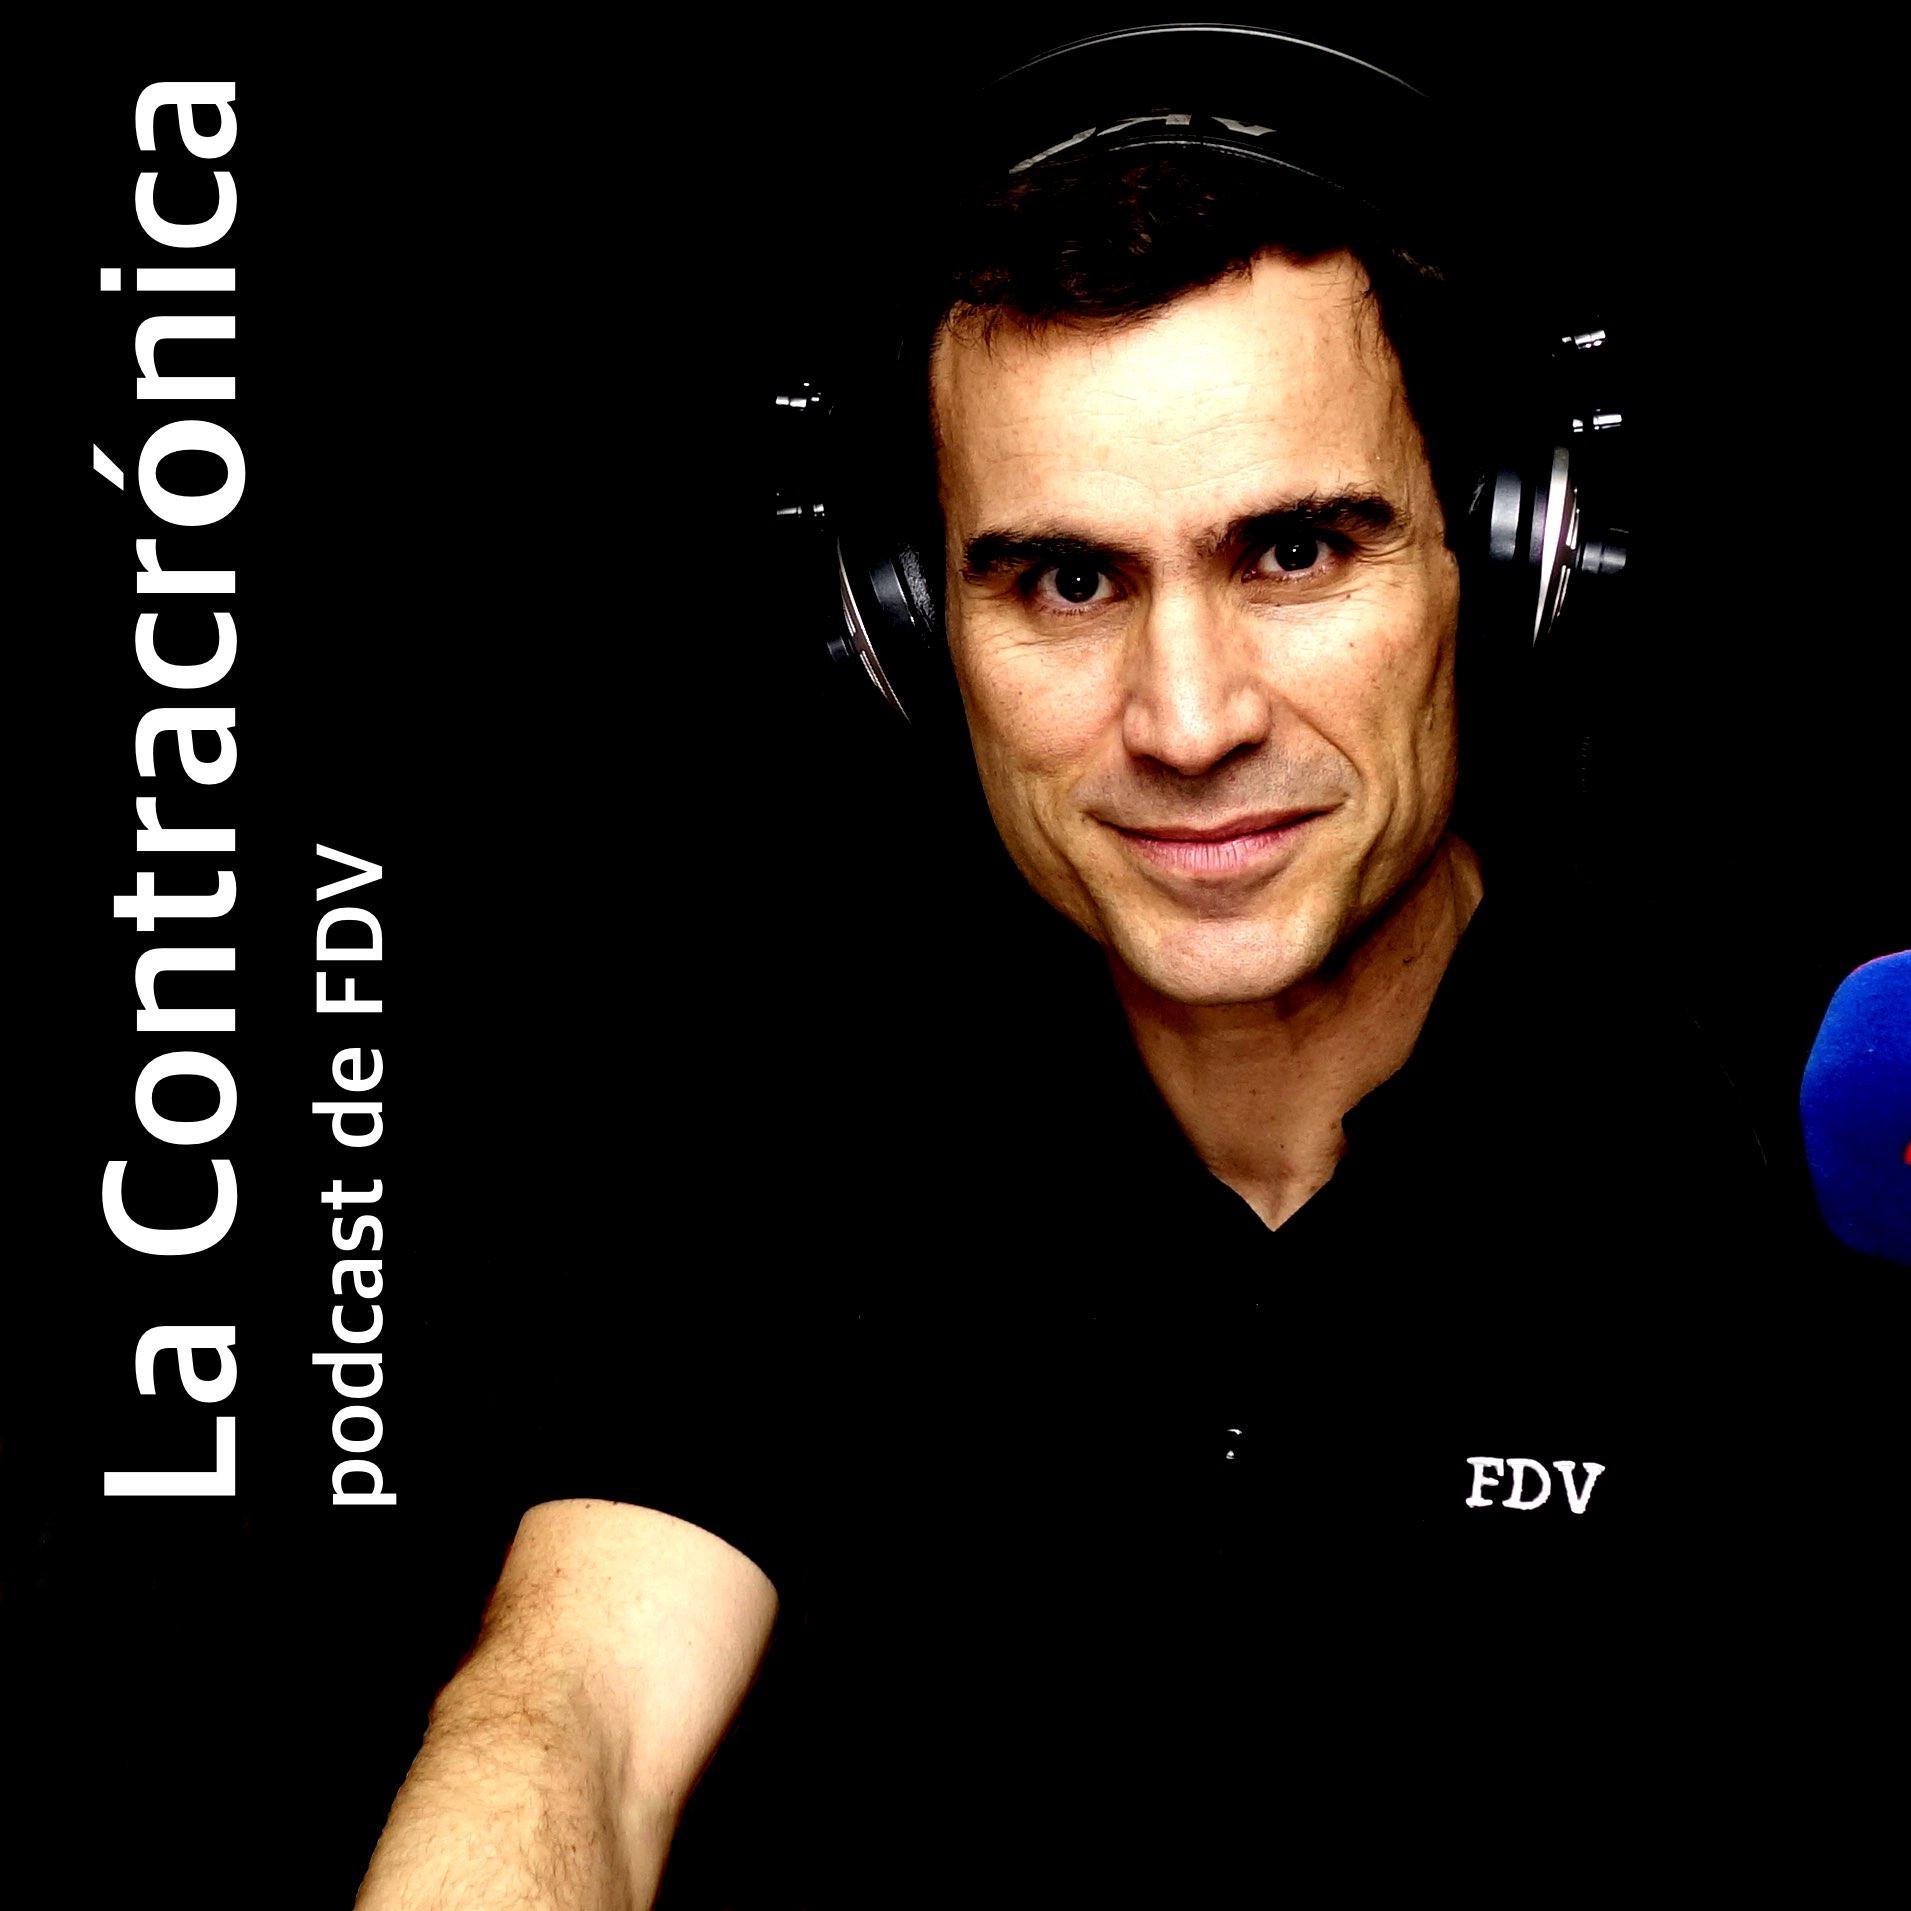 La Contracrónica. Podcast de FDV